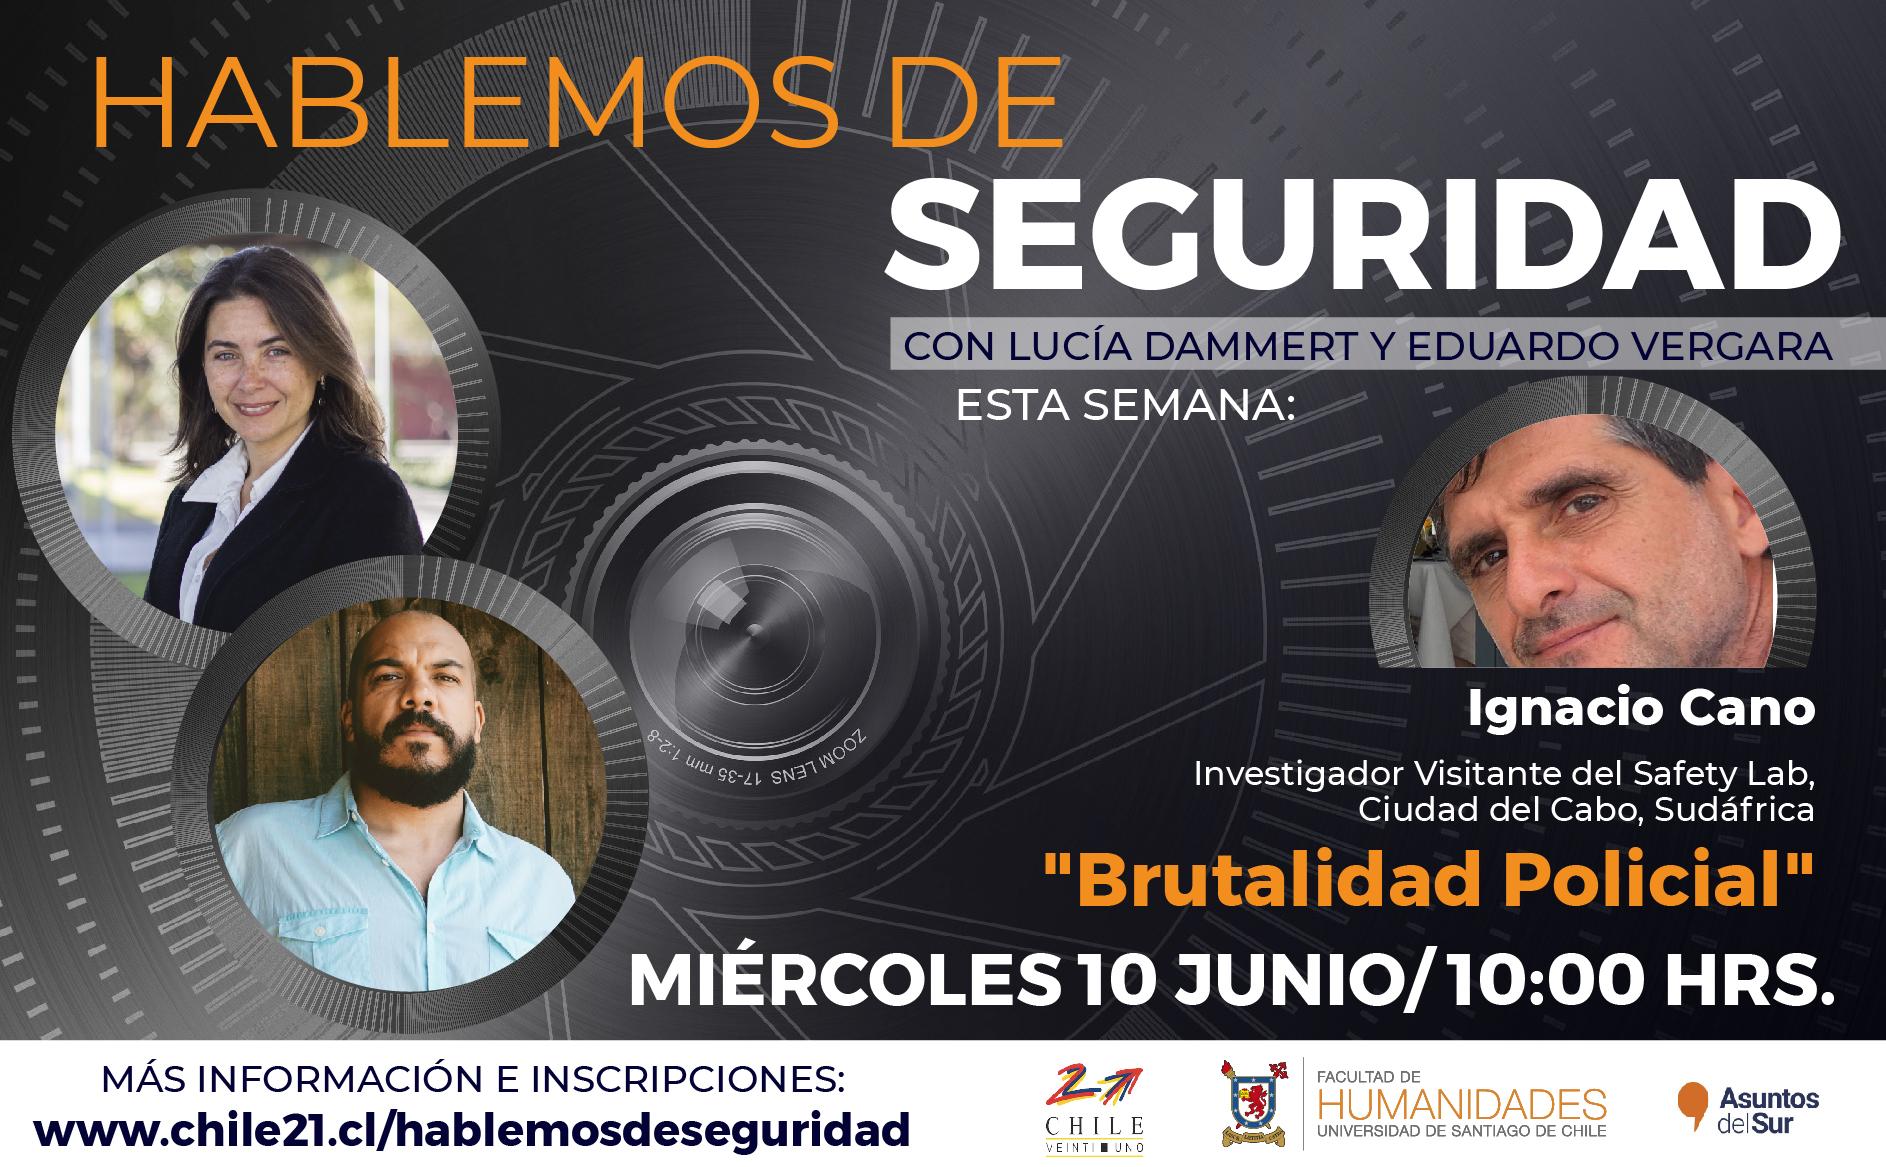 CICLO HABLEMOS DE SEGURIDAD: Con Lucía Dammert y Eduardo Vergara.